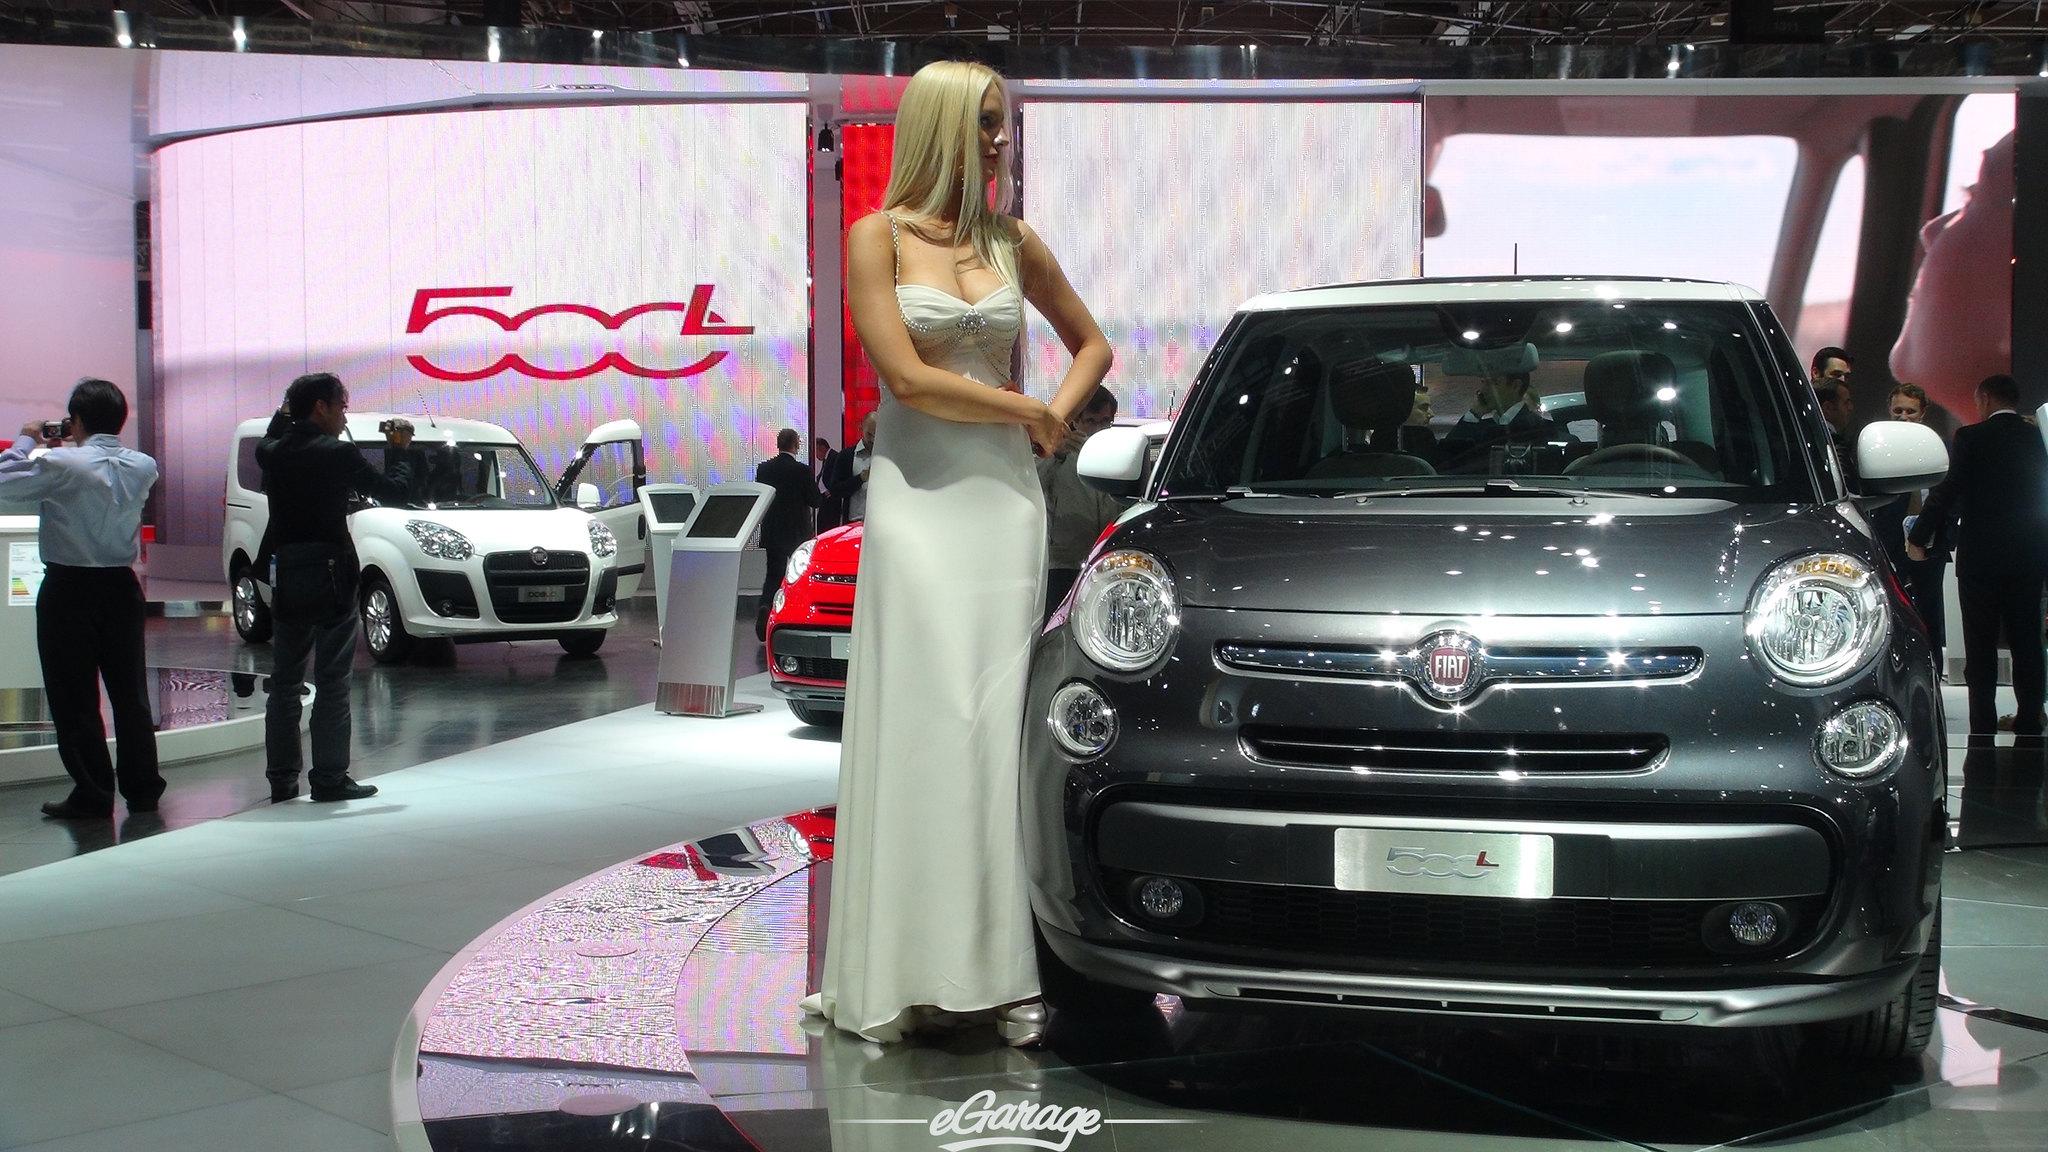 8034746528 dfd74a67c1 k 2012 Paris Motor Show